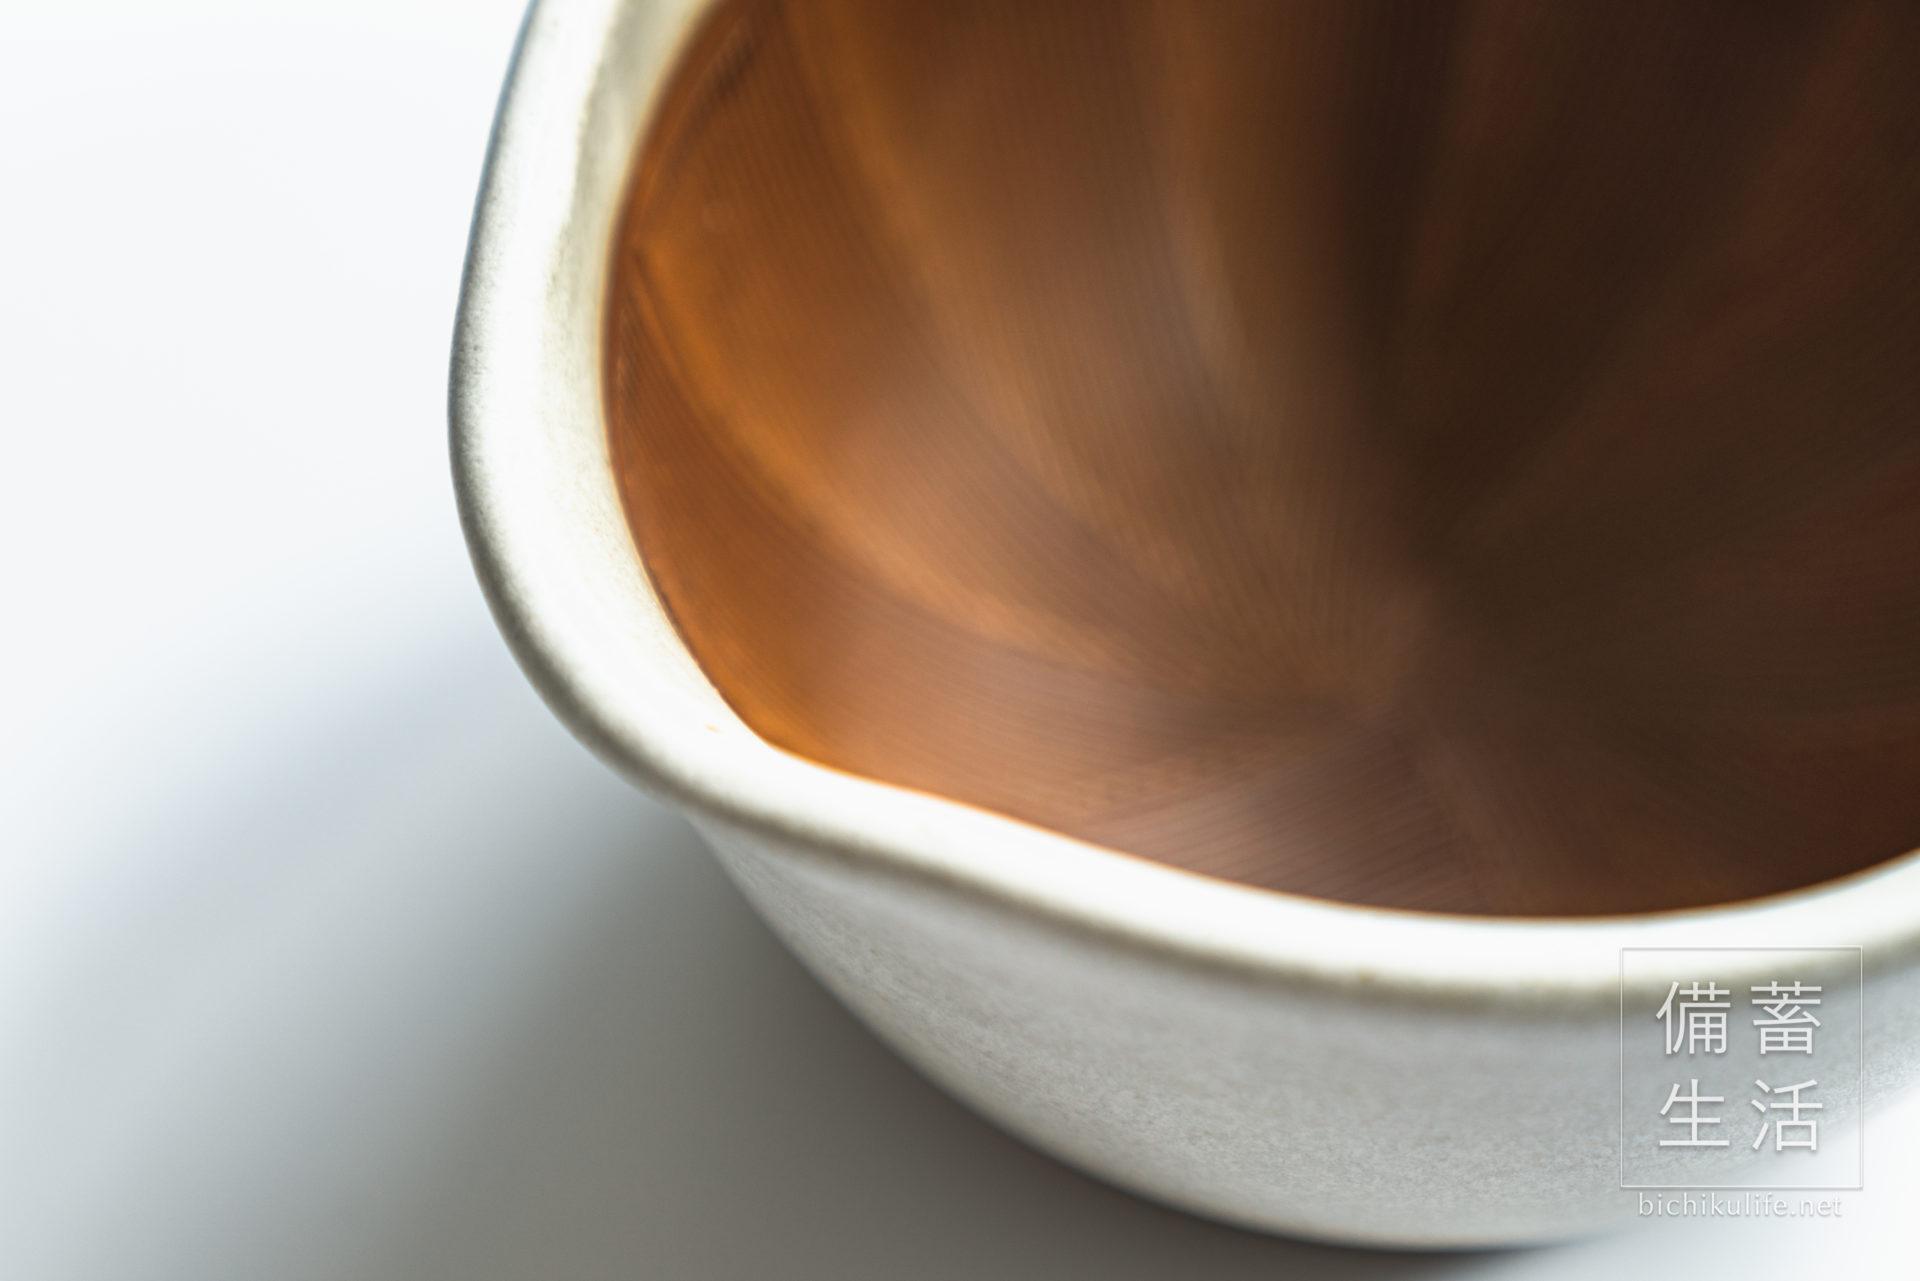 もとしげ 粋なすり鉢(深型)すり鉢専門メーカー 元重製陶所